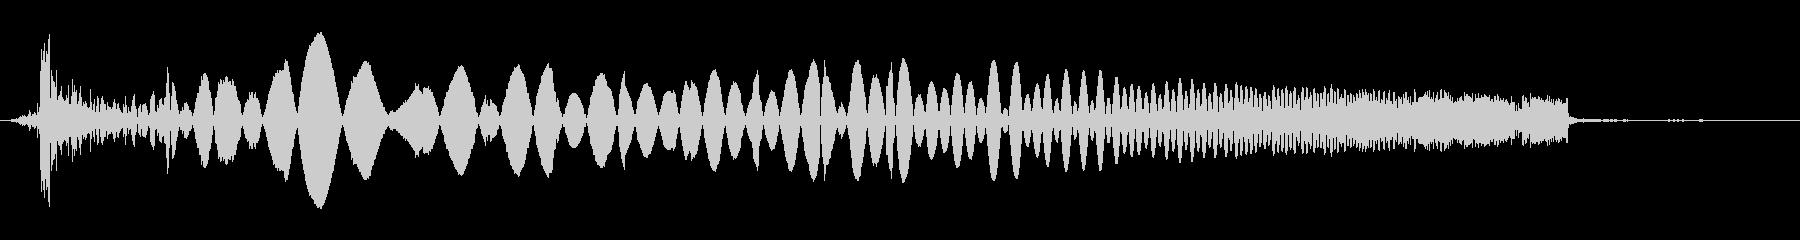 ラジオスキャン9の調整の未再生の波形